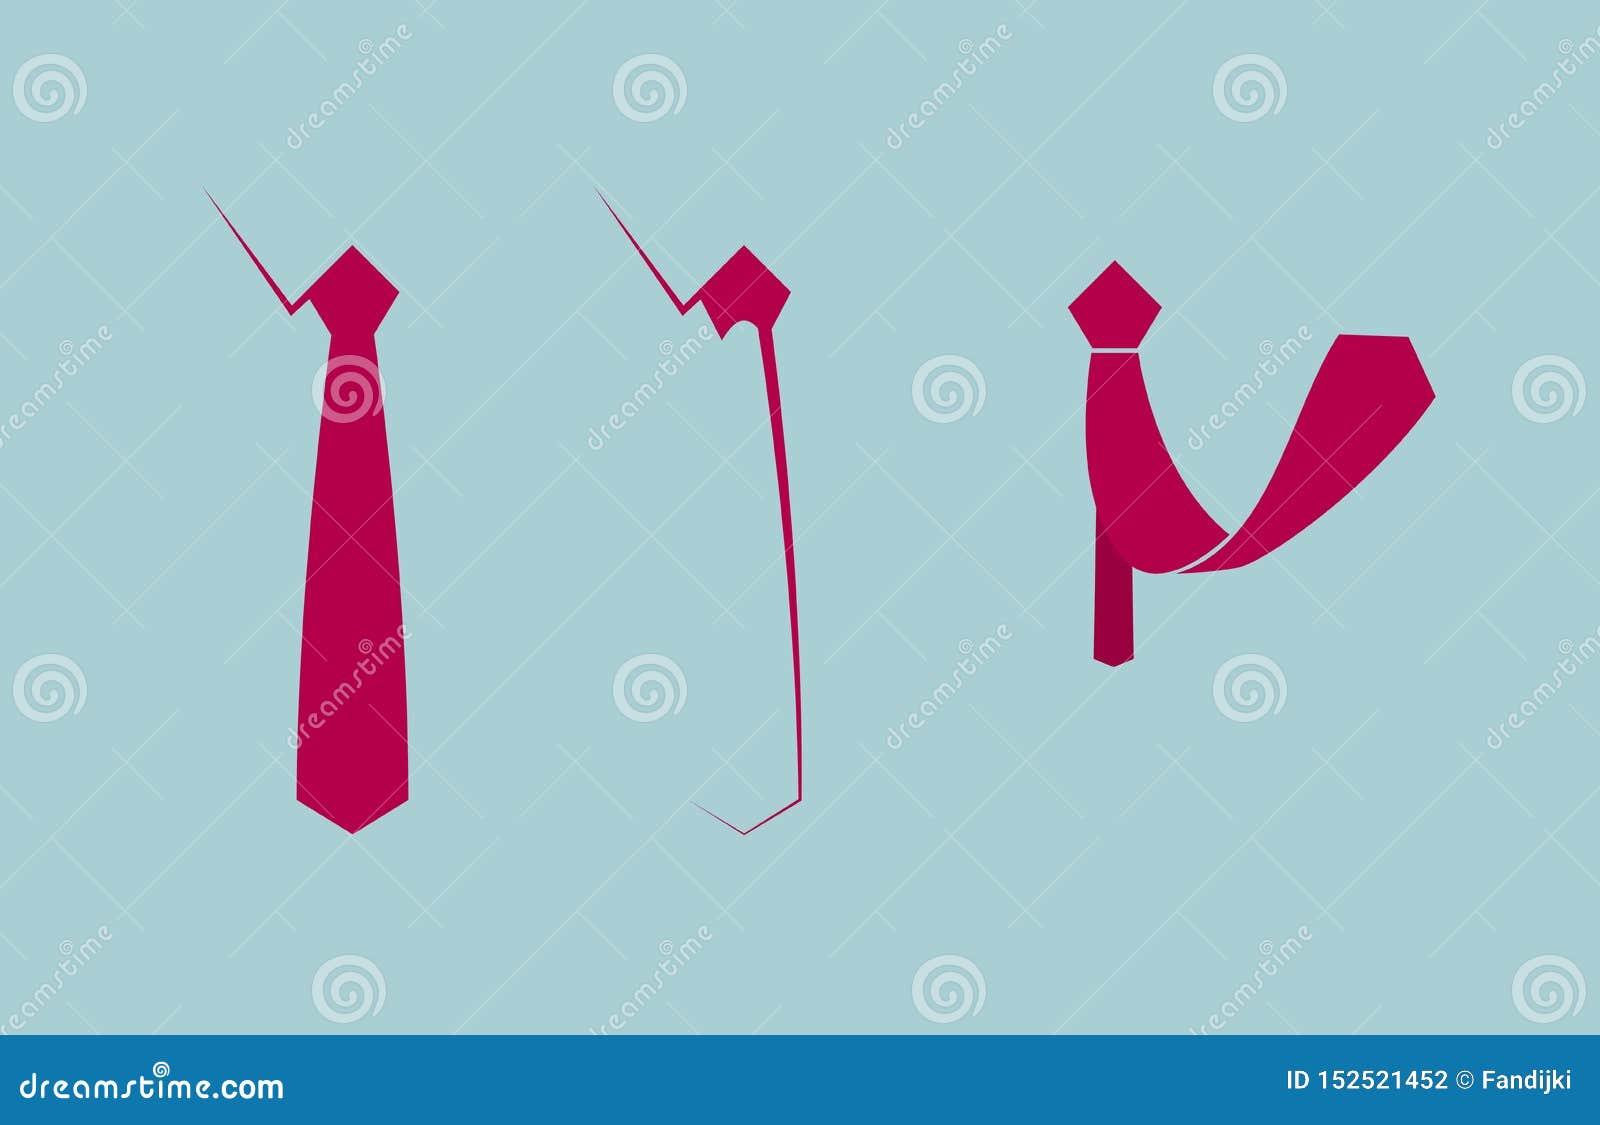 Utdragen slips för vektor